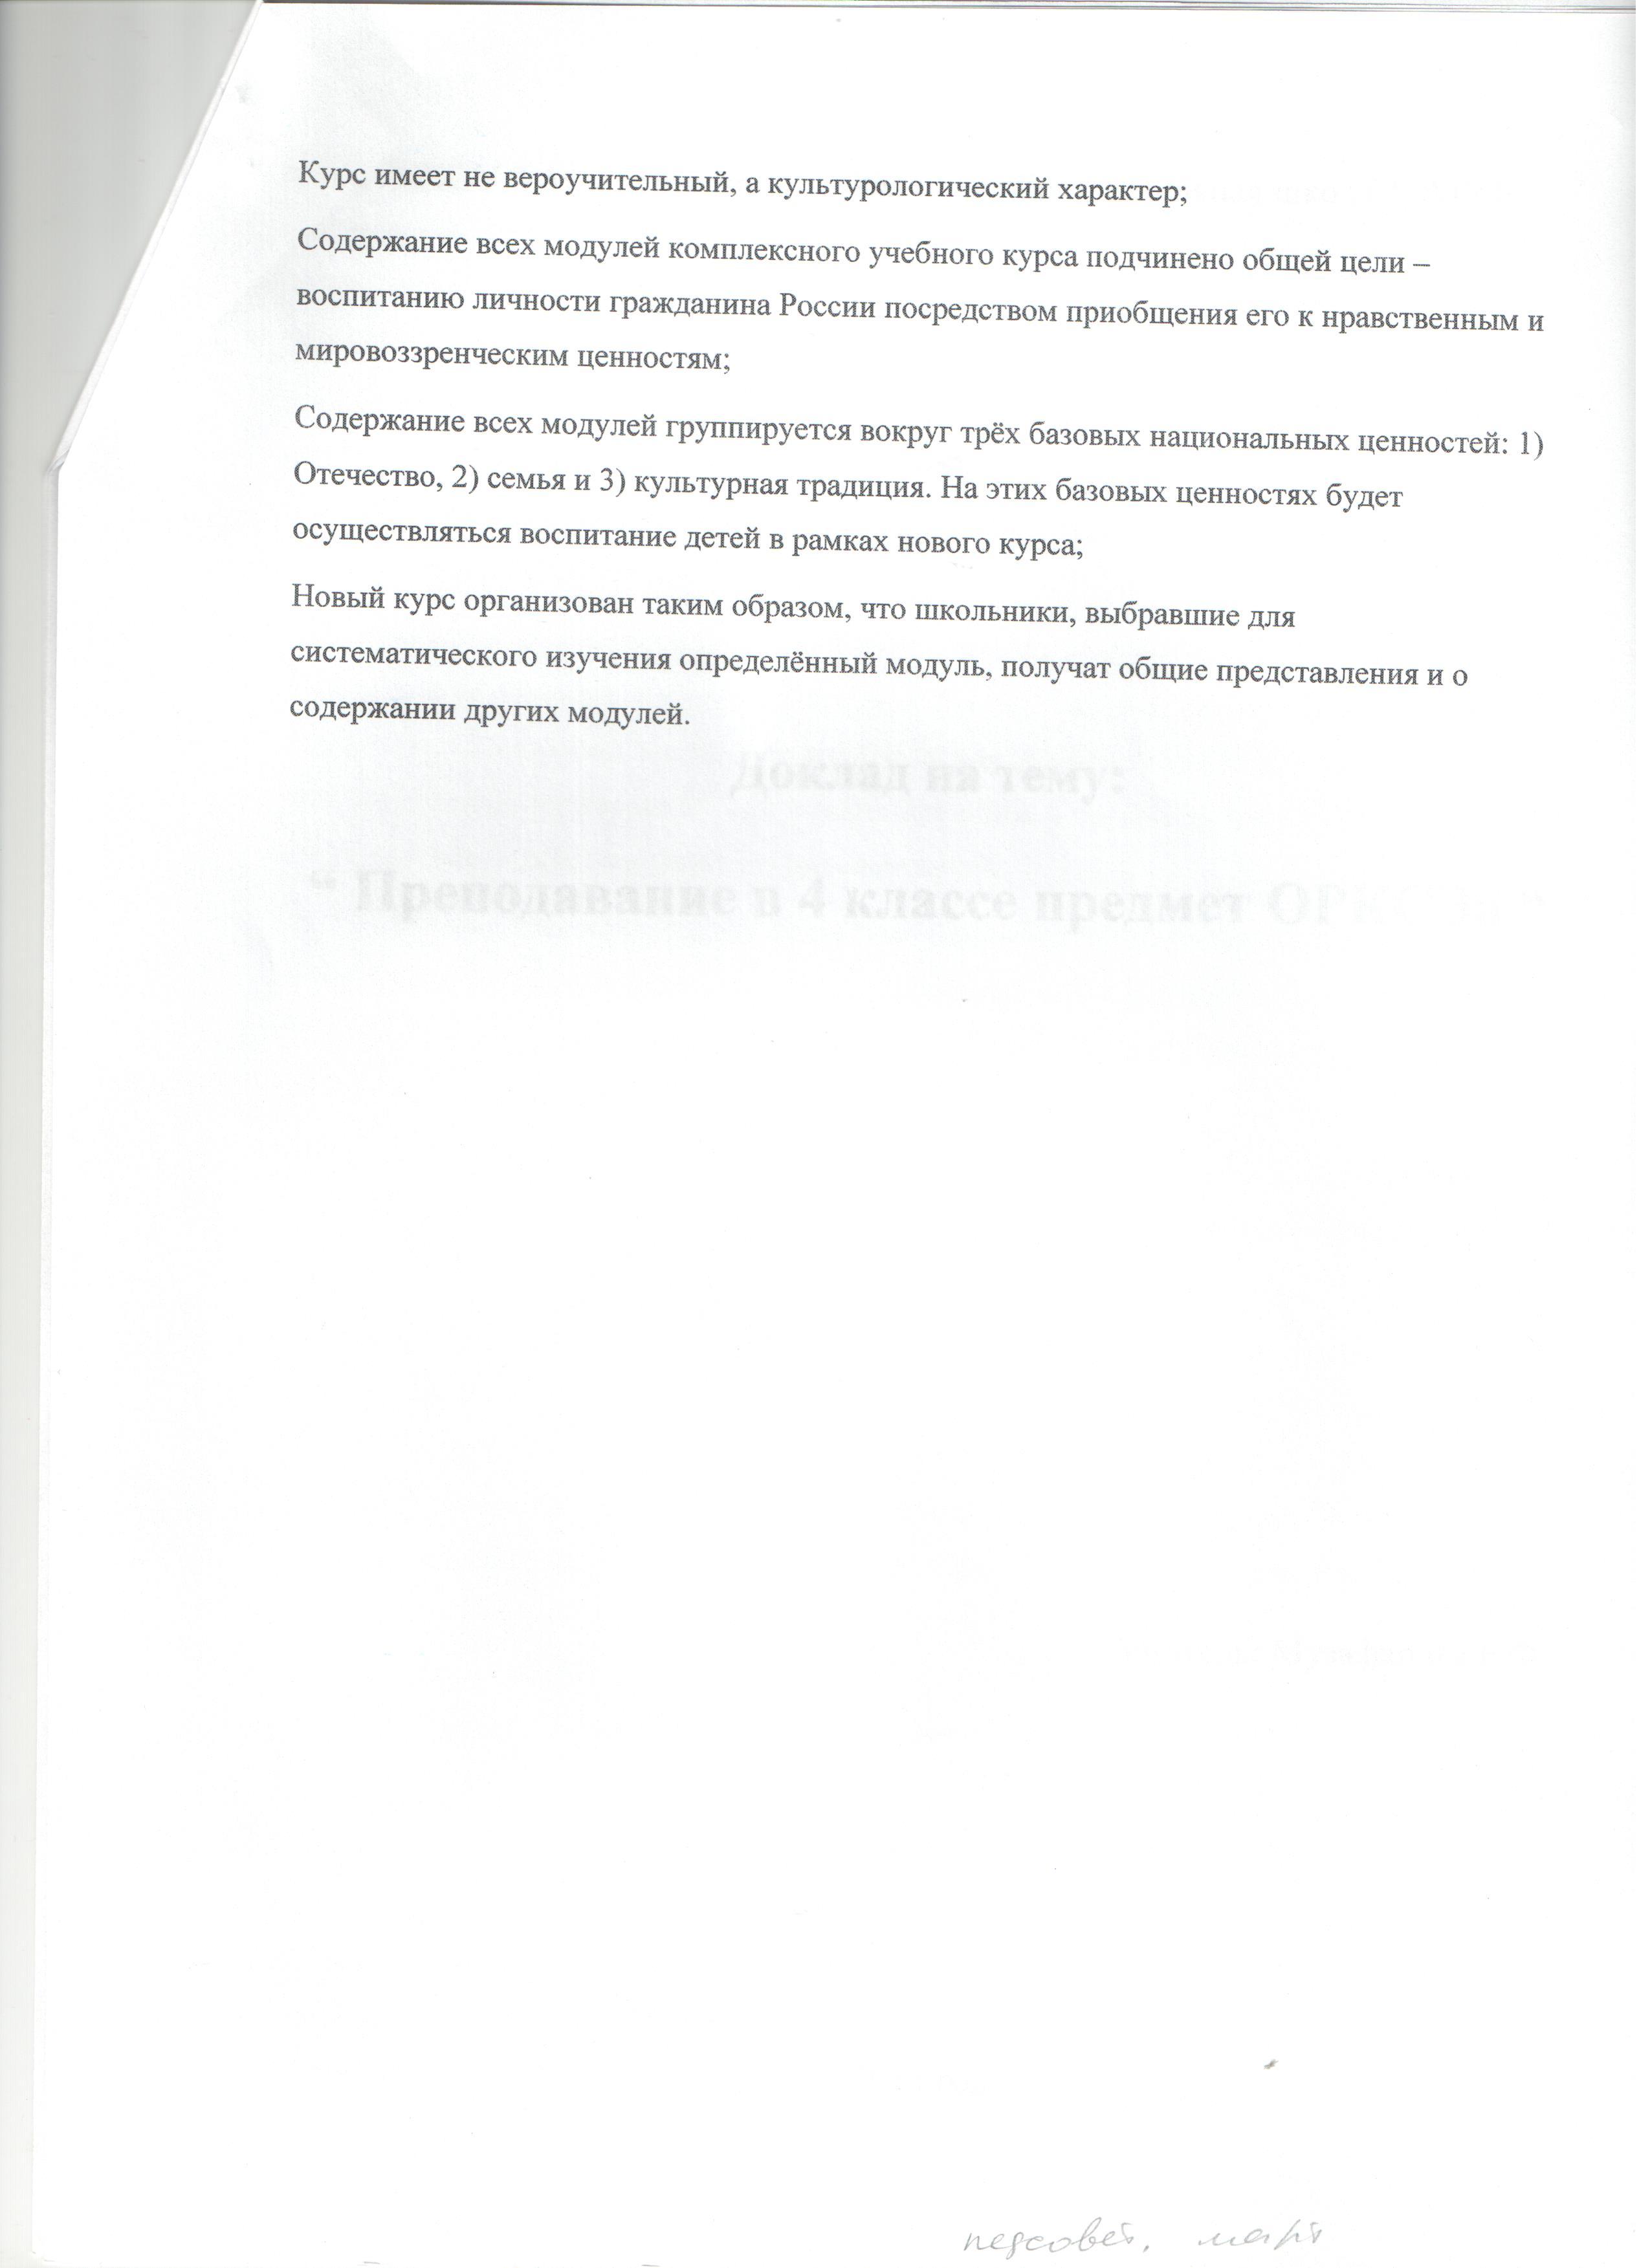 C:\Users\Gulik\Desktop\учитель года 2016 Резеда\резеда дипломы достижения\доклад\Доклад ОРКСЭ 5 нче бит 001.jpg